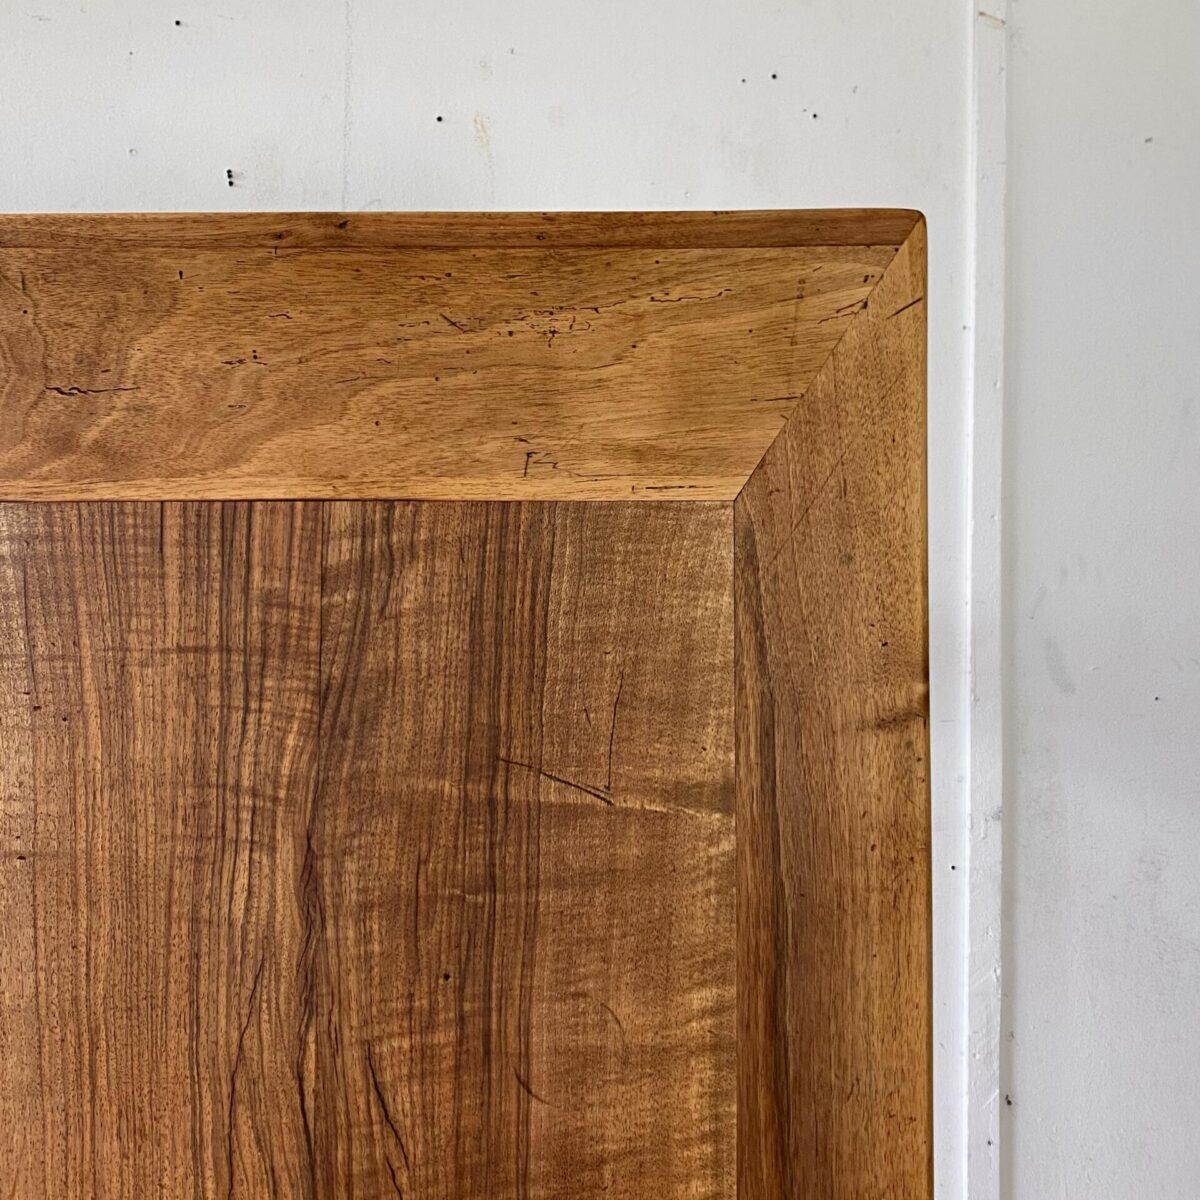 Deuxieme.shop Französischer Jugenstil Bistrotisch. Feingliedriger Nussbaum Beizentisch mit Gussfüssen. 148x67cm Höhe 74.5cm. Das Tischblatt ist aus Vollholz, mit diversen Gebrauchsspuren und Alterspatina. Technisch in gutem stabilen Zustand. Die Holzoberfläche ist mit Naturöl behandelt. Es finden bis zu 6 Personen daran Platz.